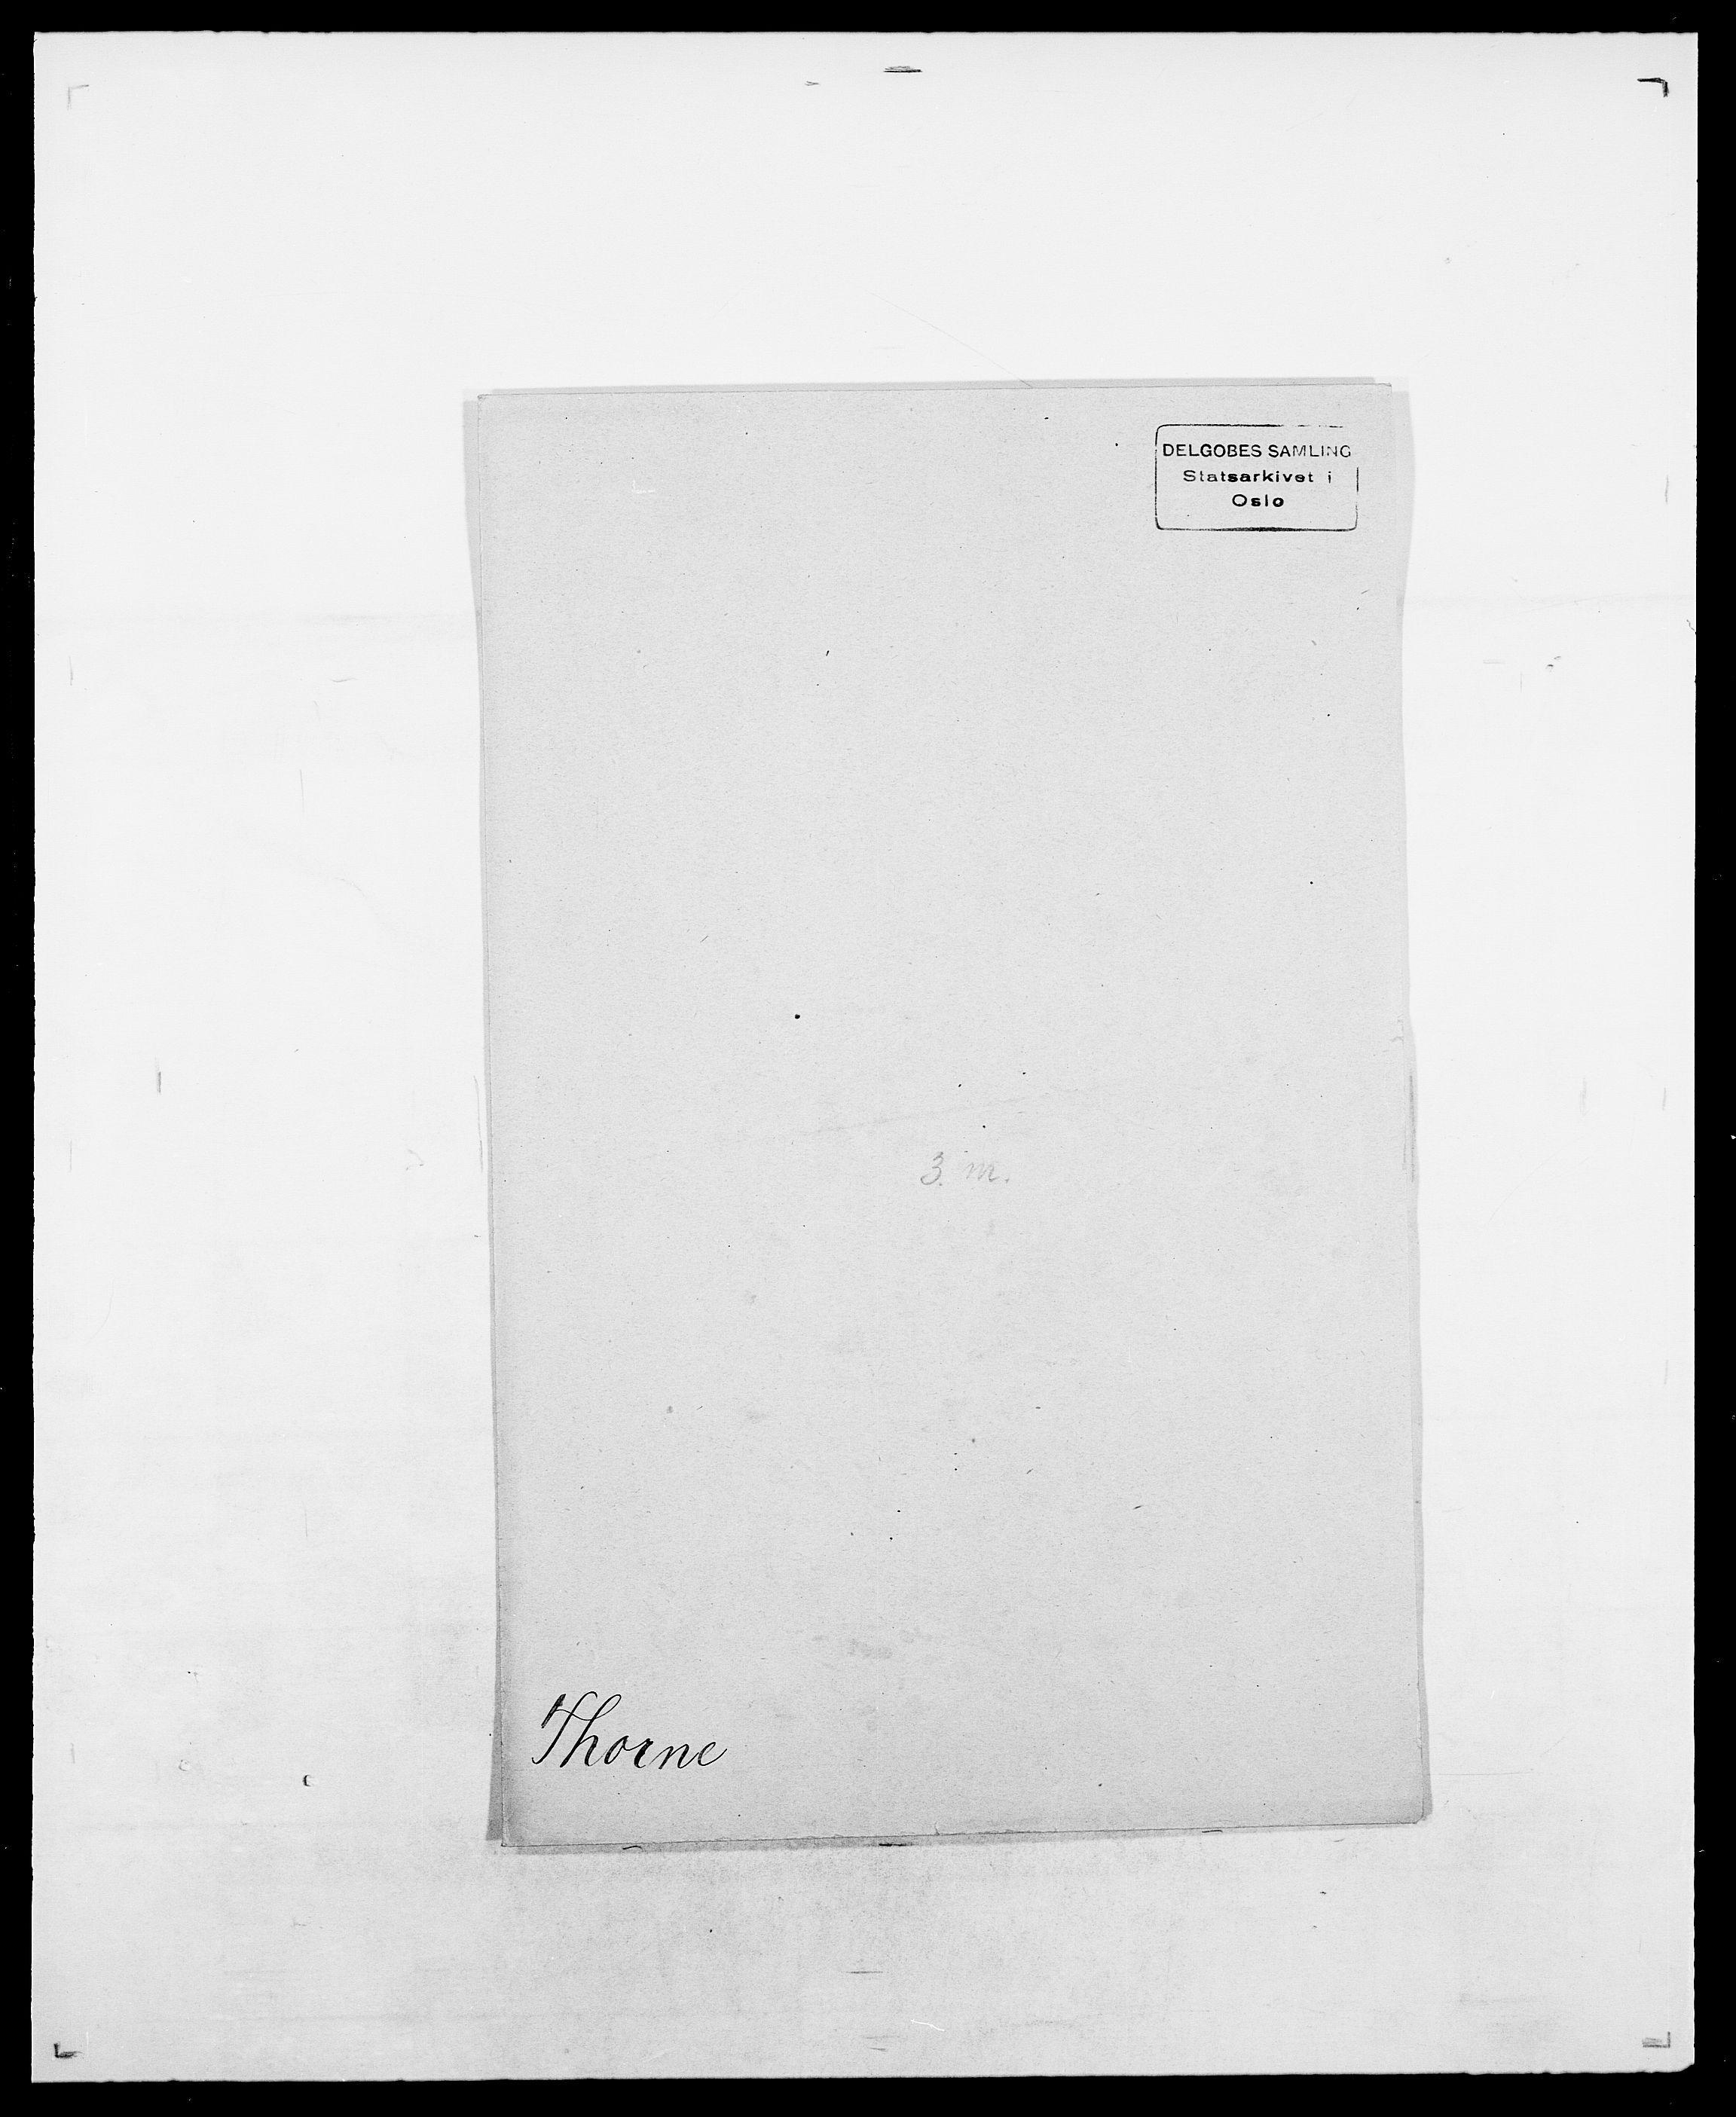 SAO, Delgobe, Charles Antoine - samling, D/Da/L0038: Svanenskjold - Thornsohn, s. 892